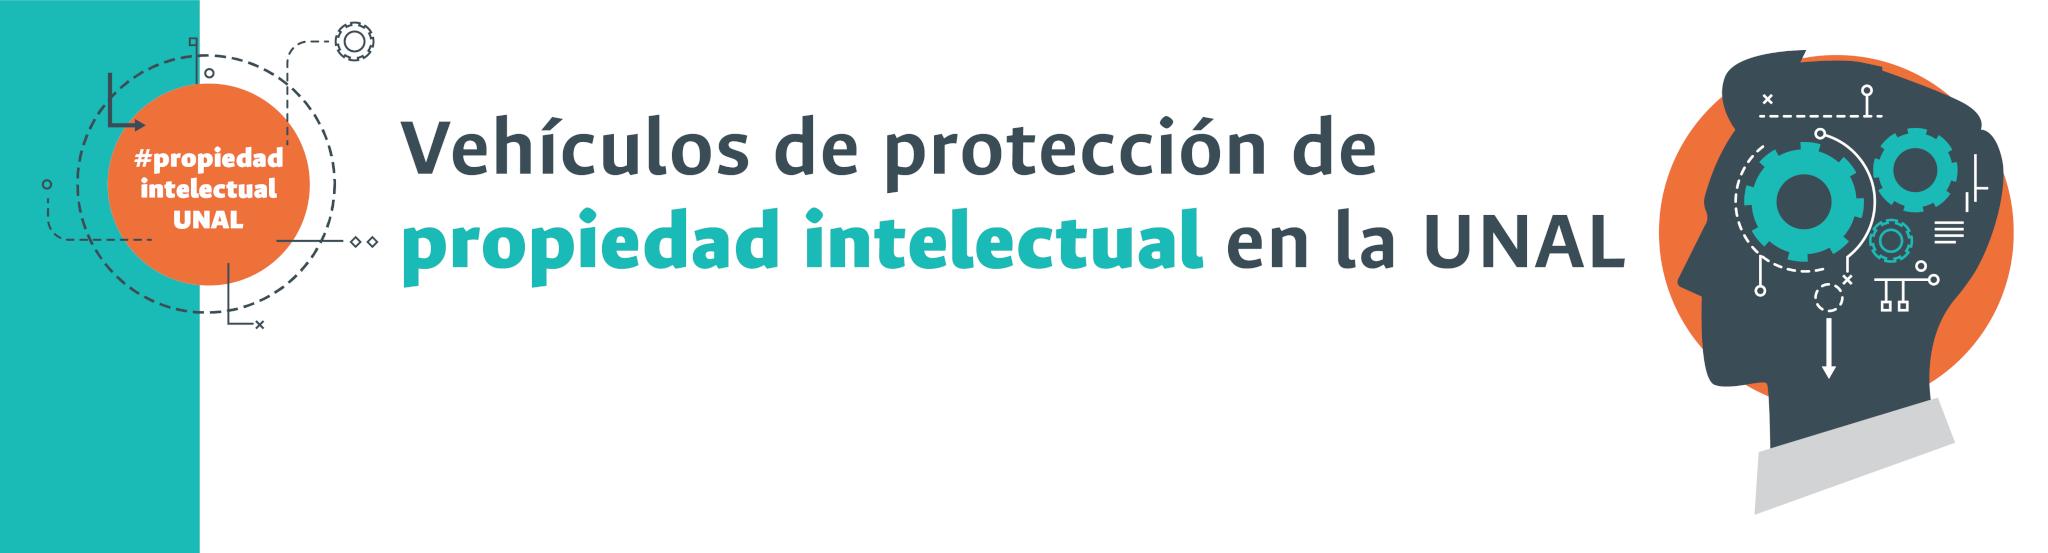 ¿Cuáles son los vehículos de protección de propiedad intelectual?